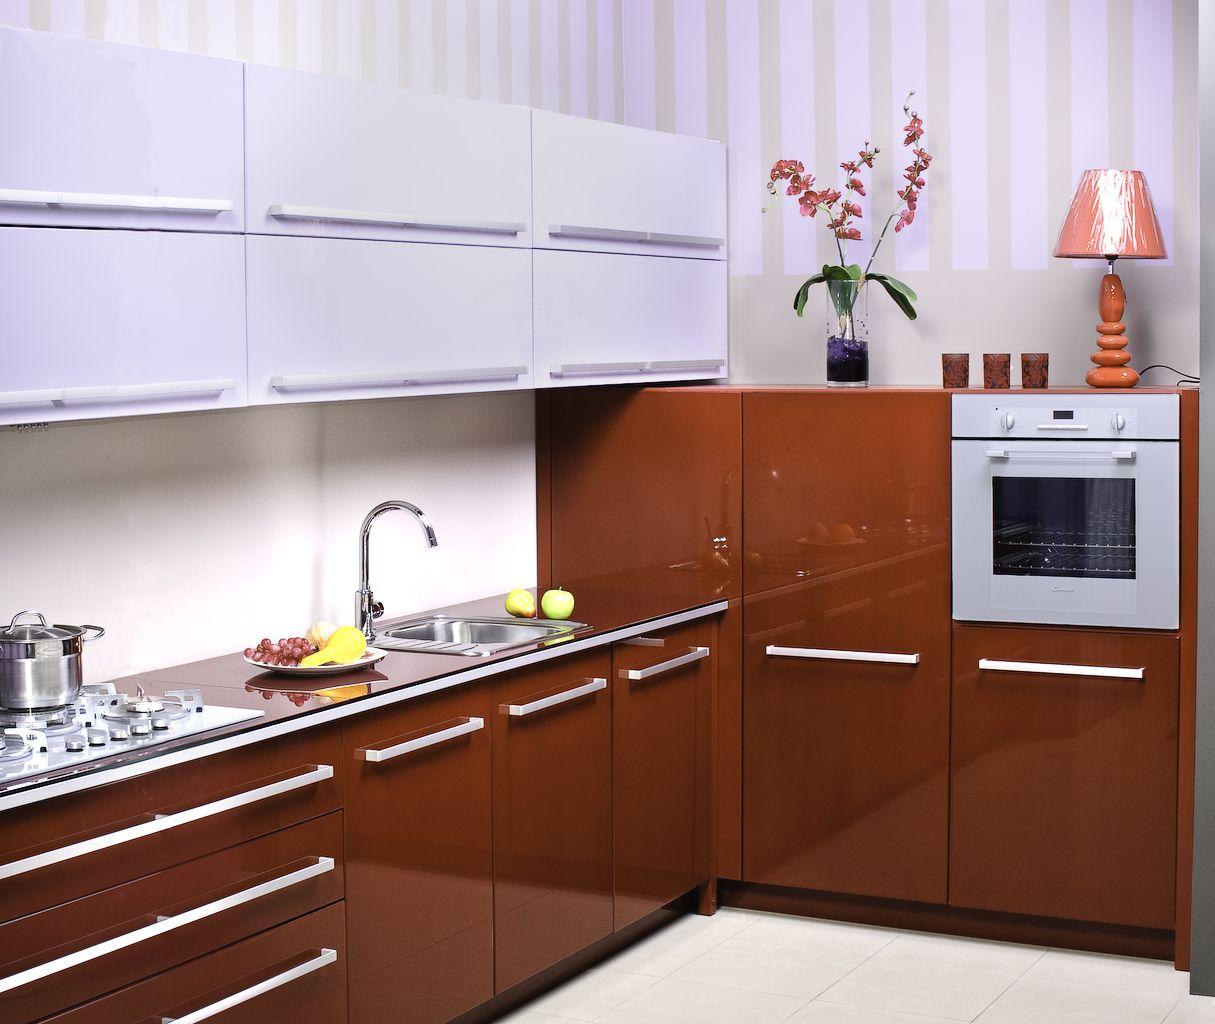 Realizacje Meble Na Wymiar Lublin Producent Mebli Na Wymiar Abja Home Home Decor Kitchen